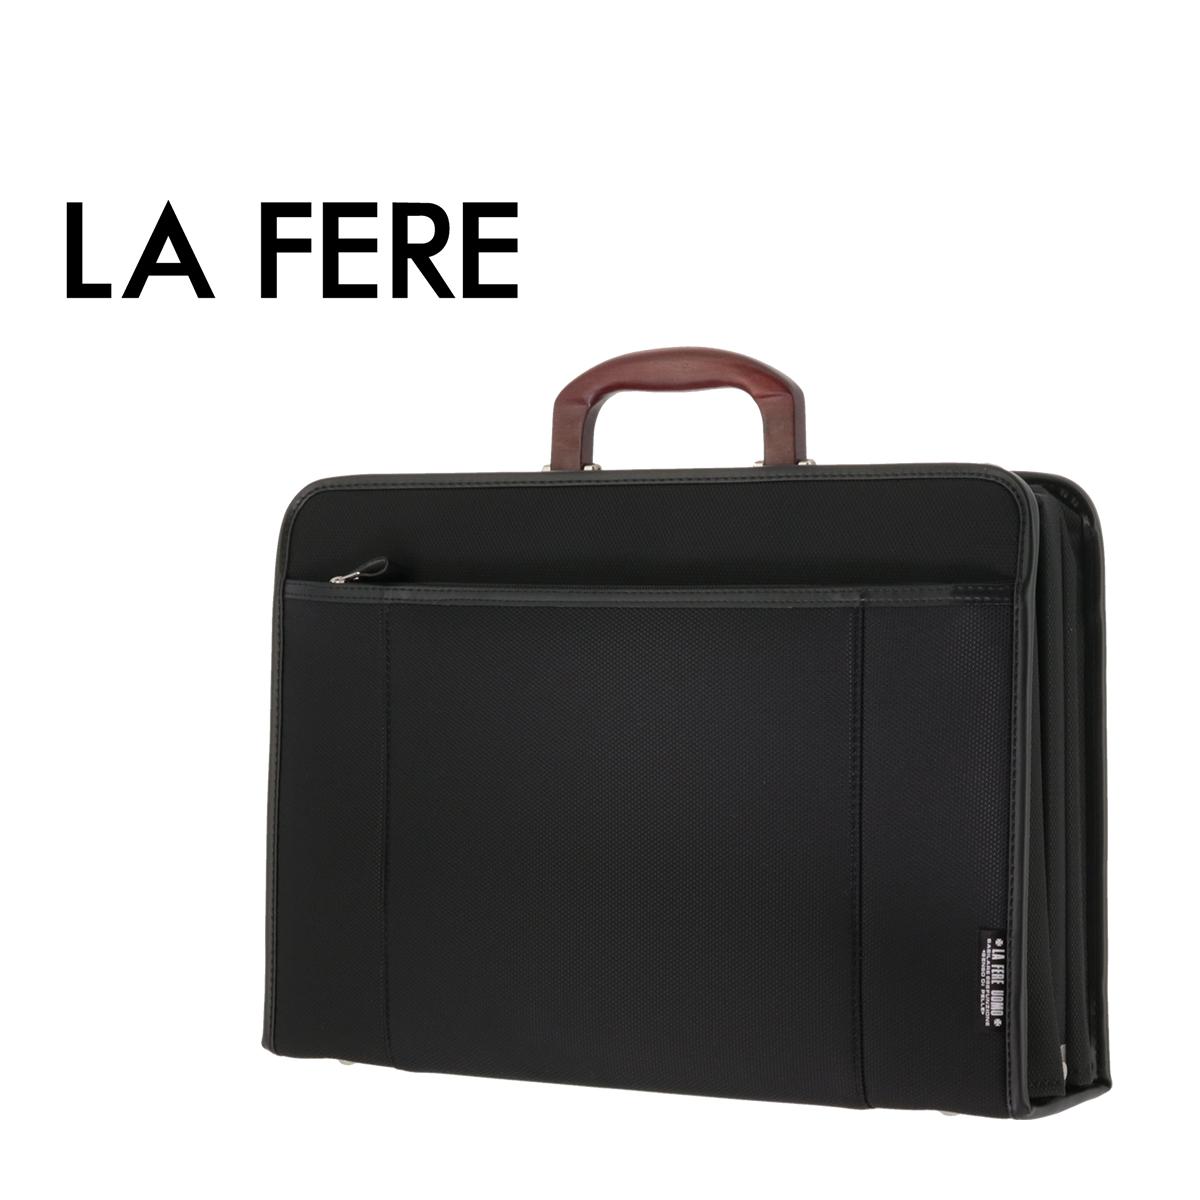 青木鞄 ラフェール ブリーフケース オプス 6728 LA FERE ビジネスバッグ メンズ 日本製 中空糸ナイロン